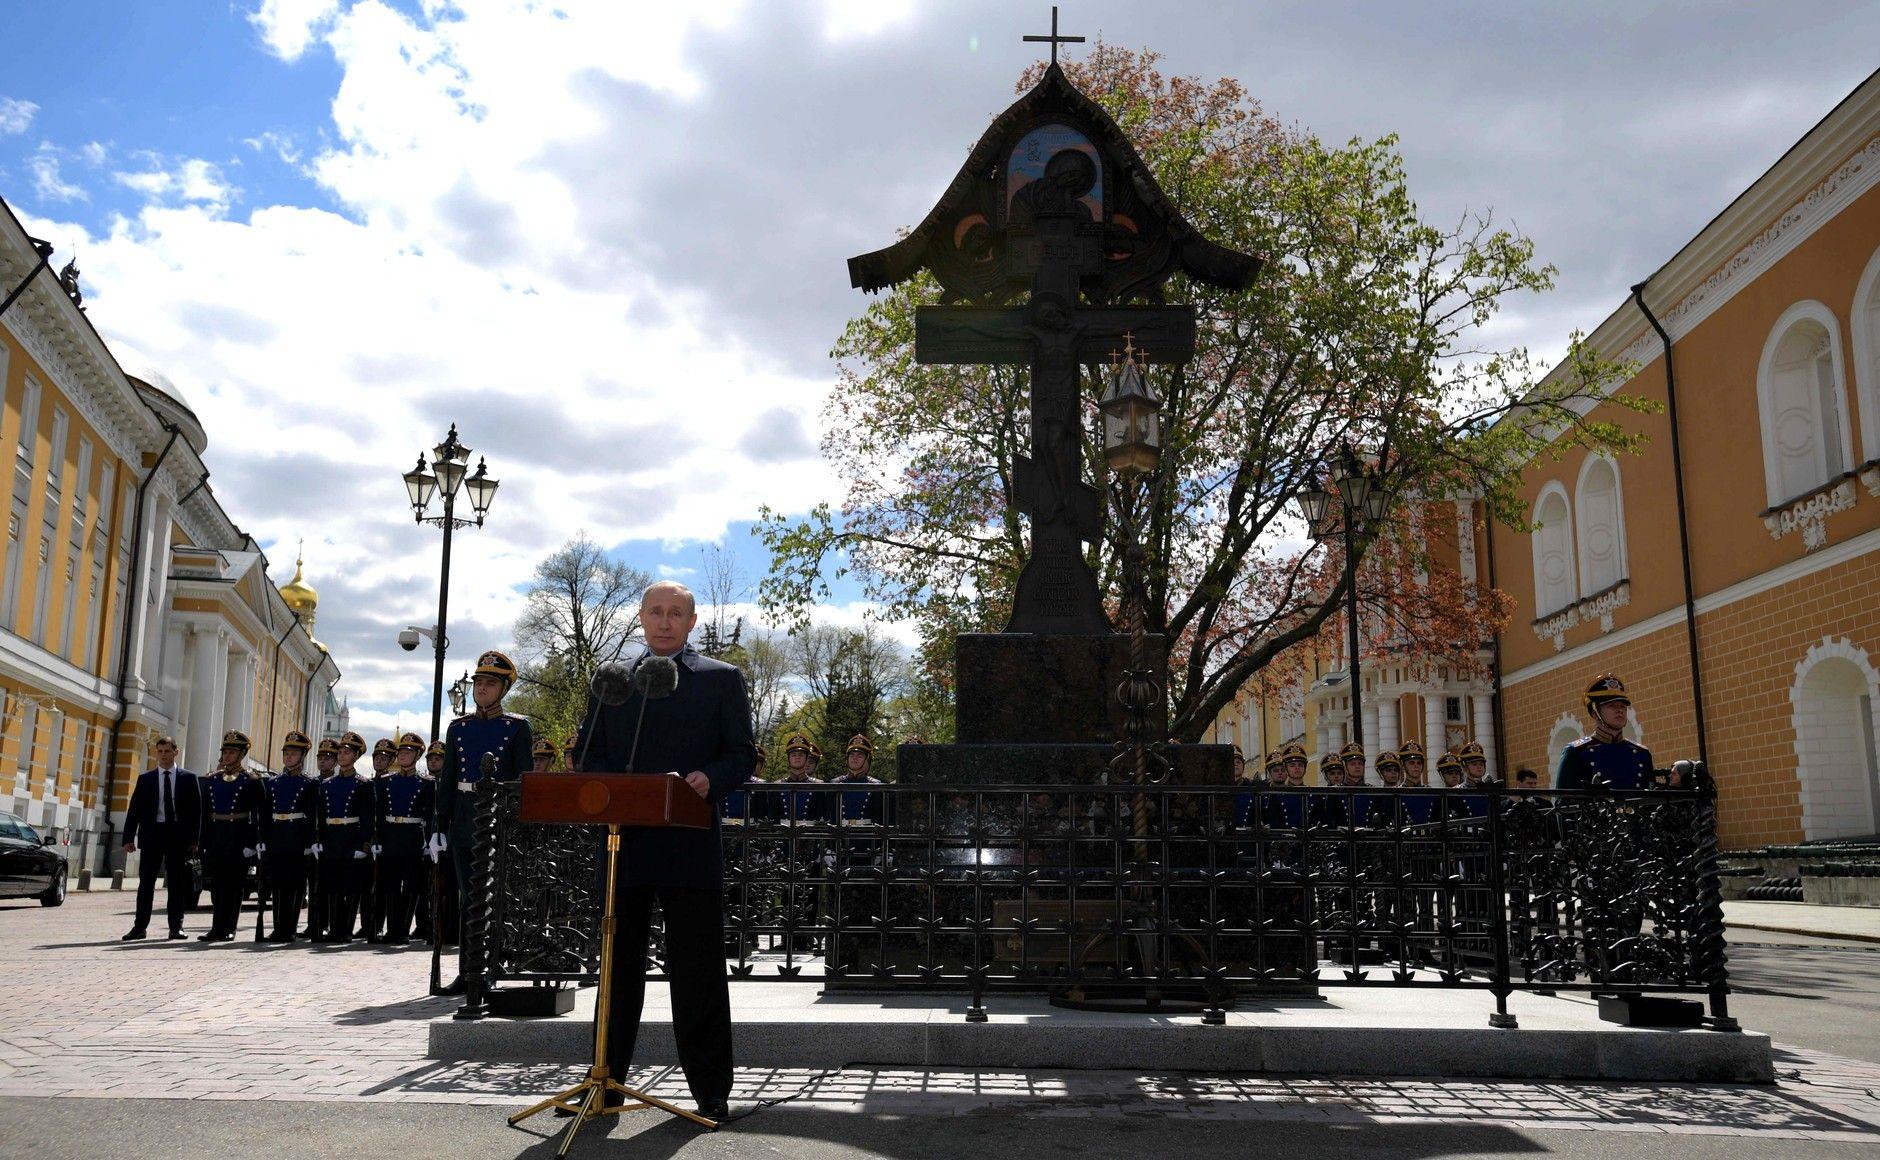 Владимир Путин открыл памятный крест на месте убийства великого князя Сергея Александровича